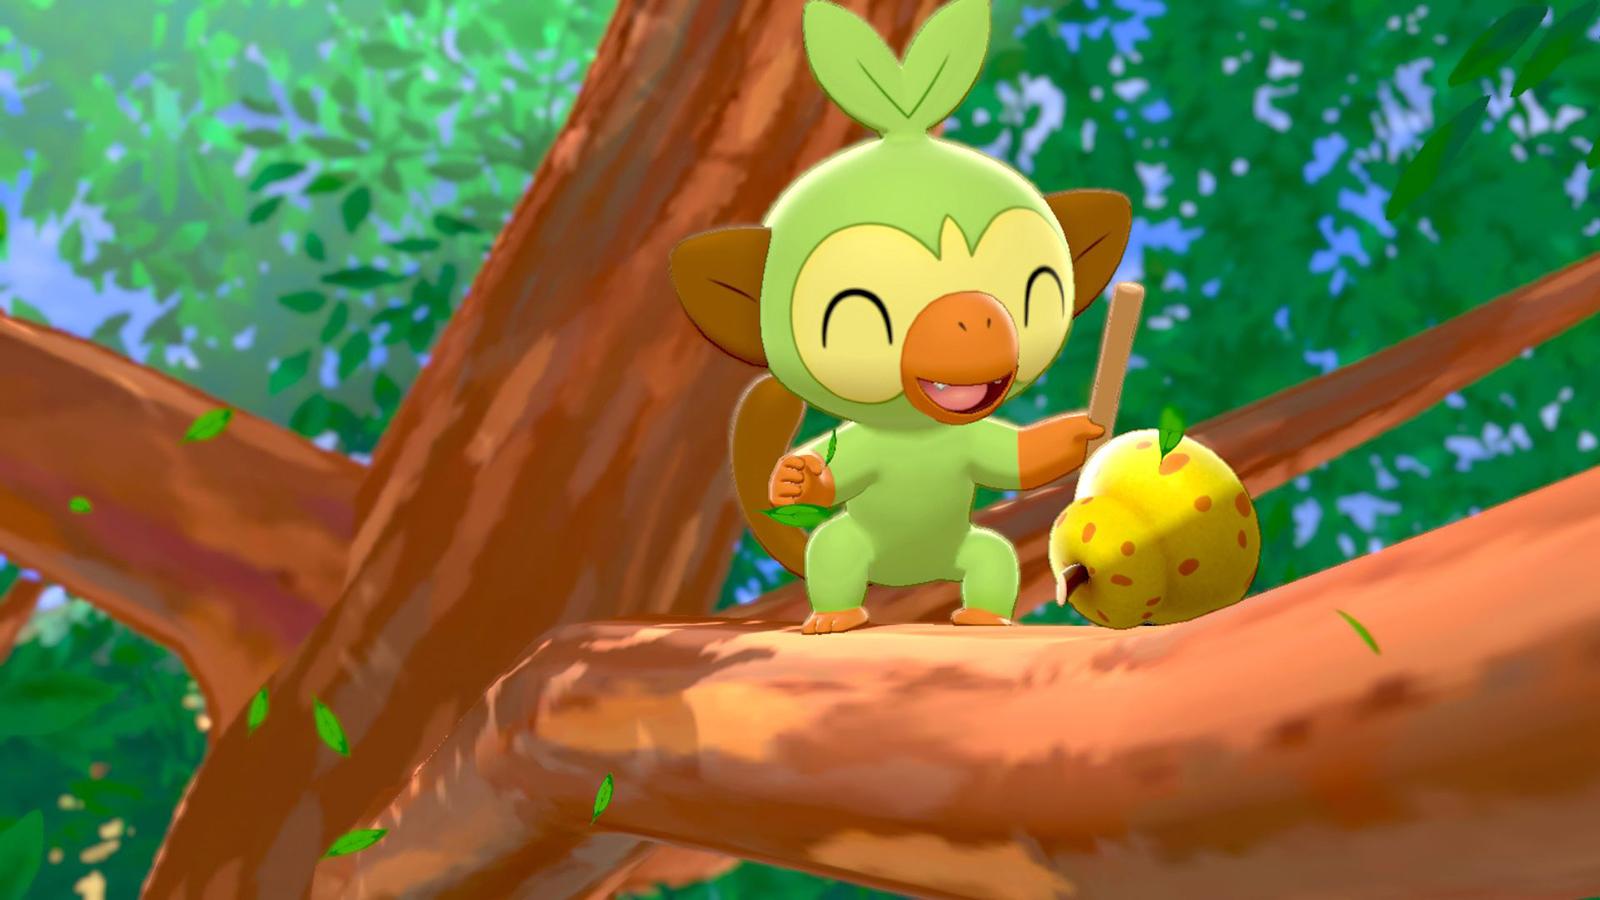 Grookey in Pokemon Sword & Shield